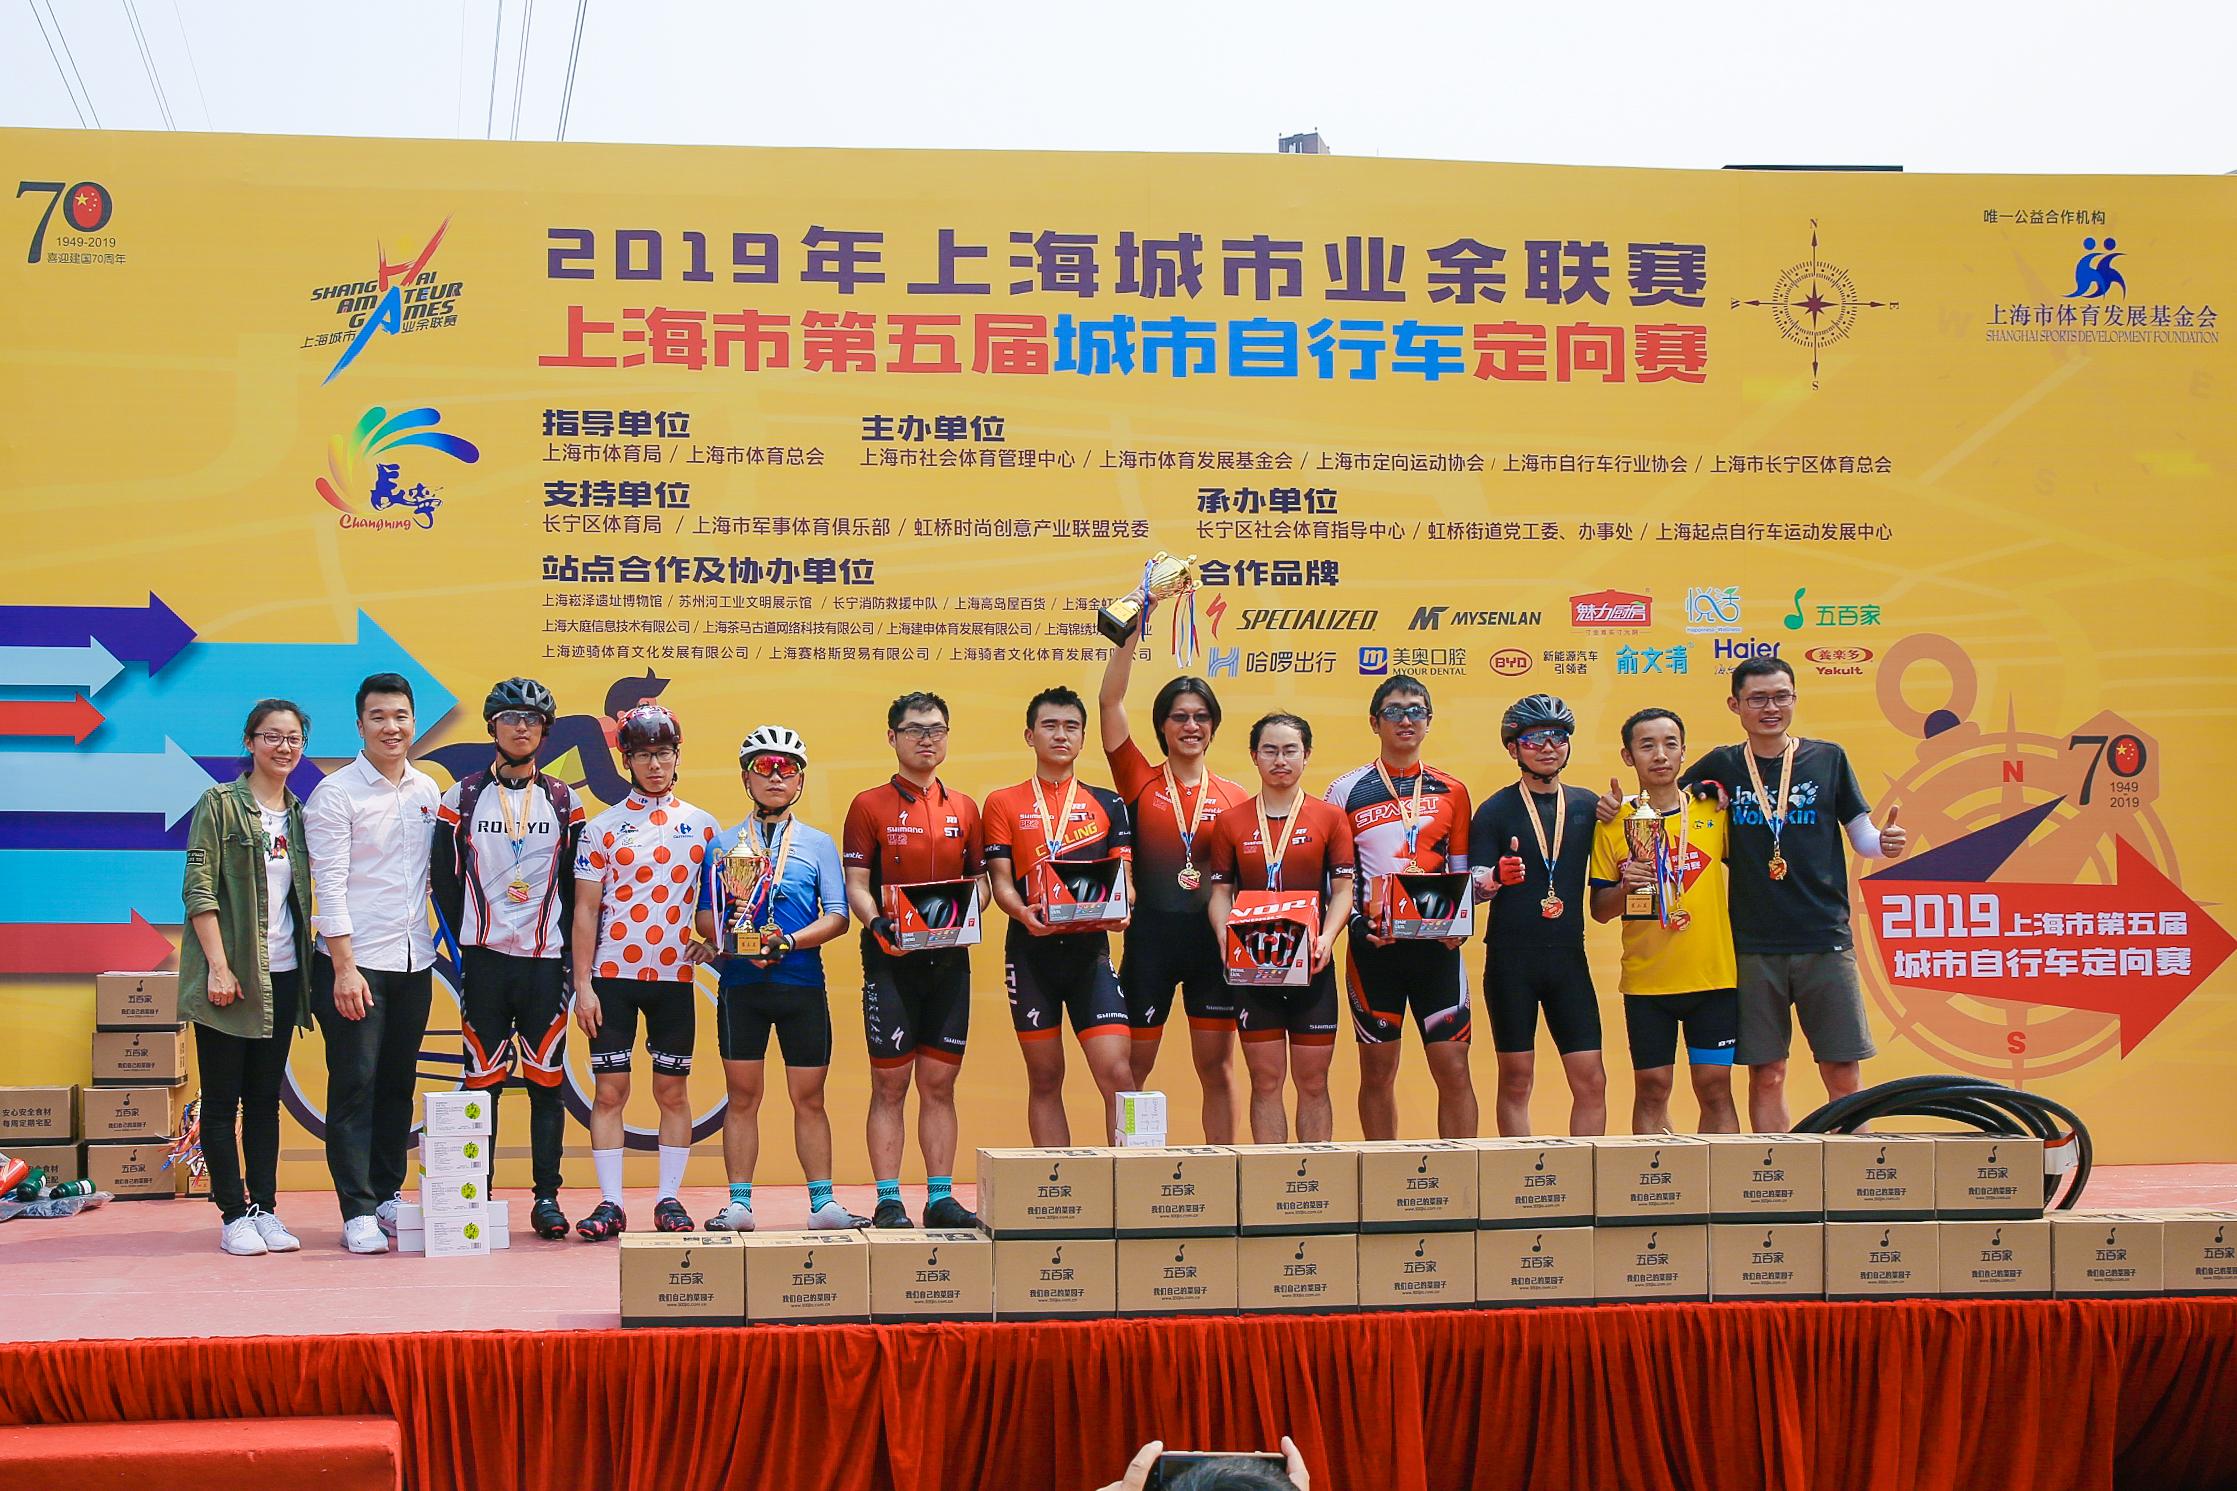 温度与速度!第五届上海城市自行车定向赛今举行